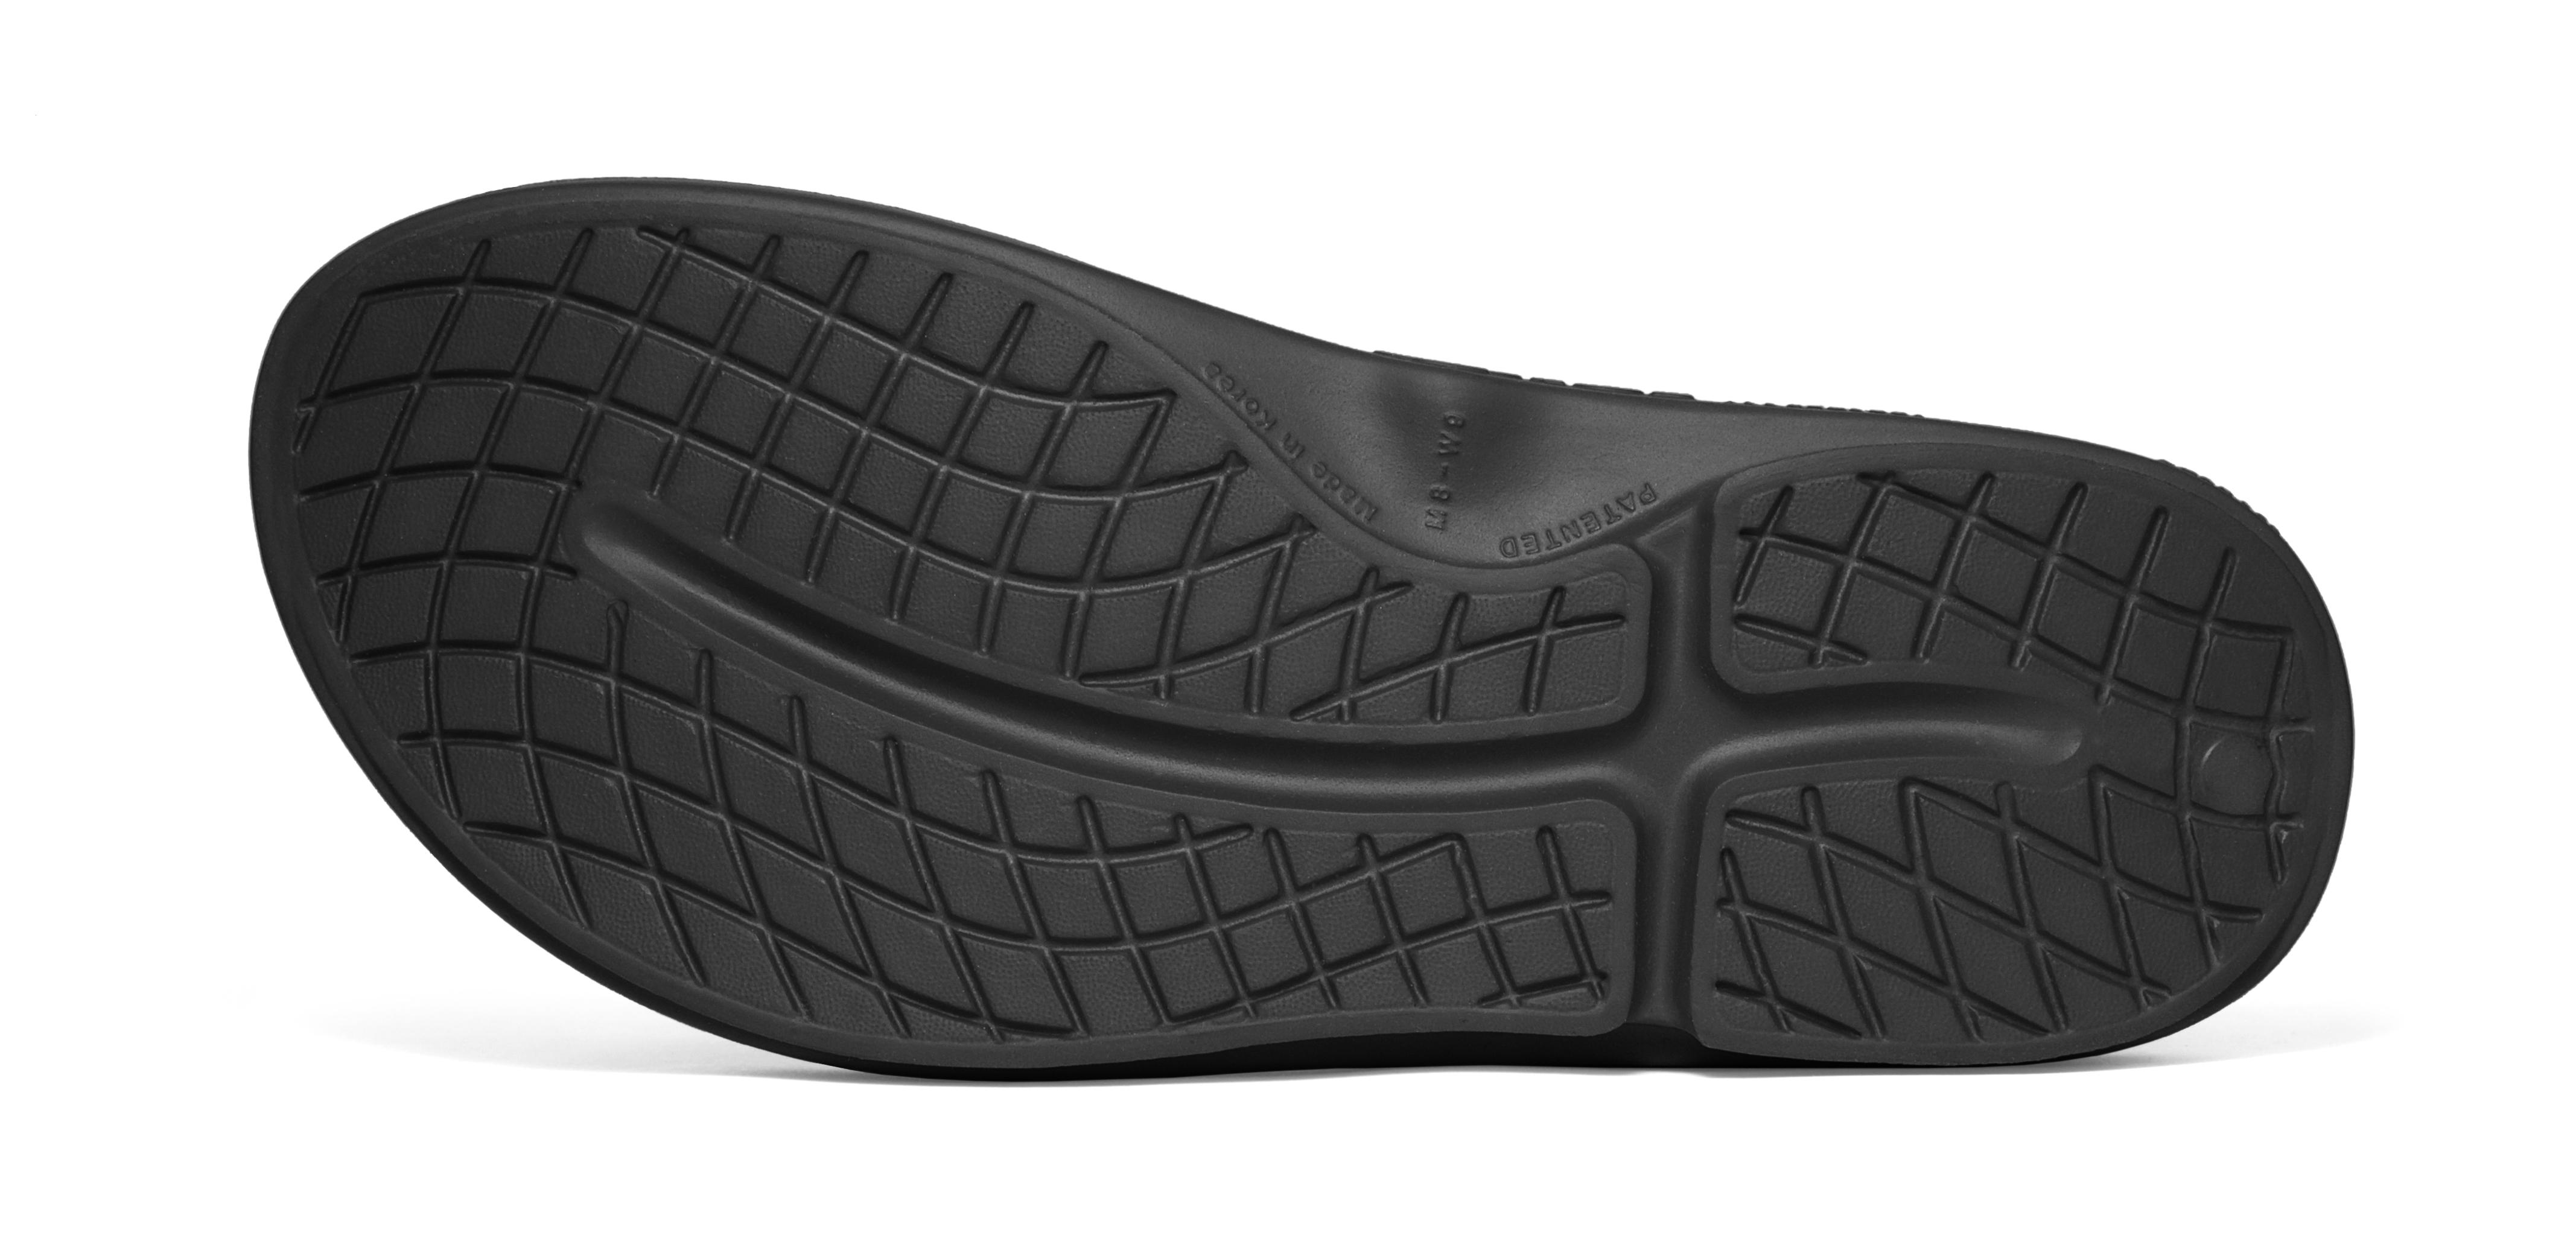 oofos footwear recovery sandal flip flops